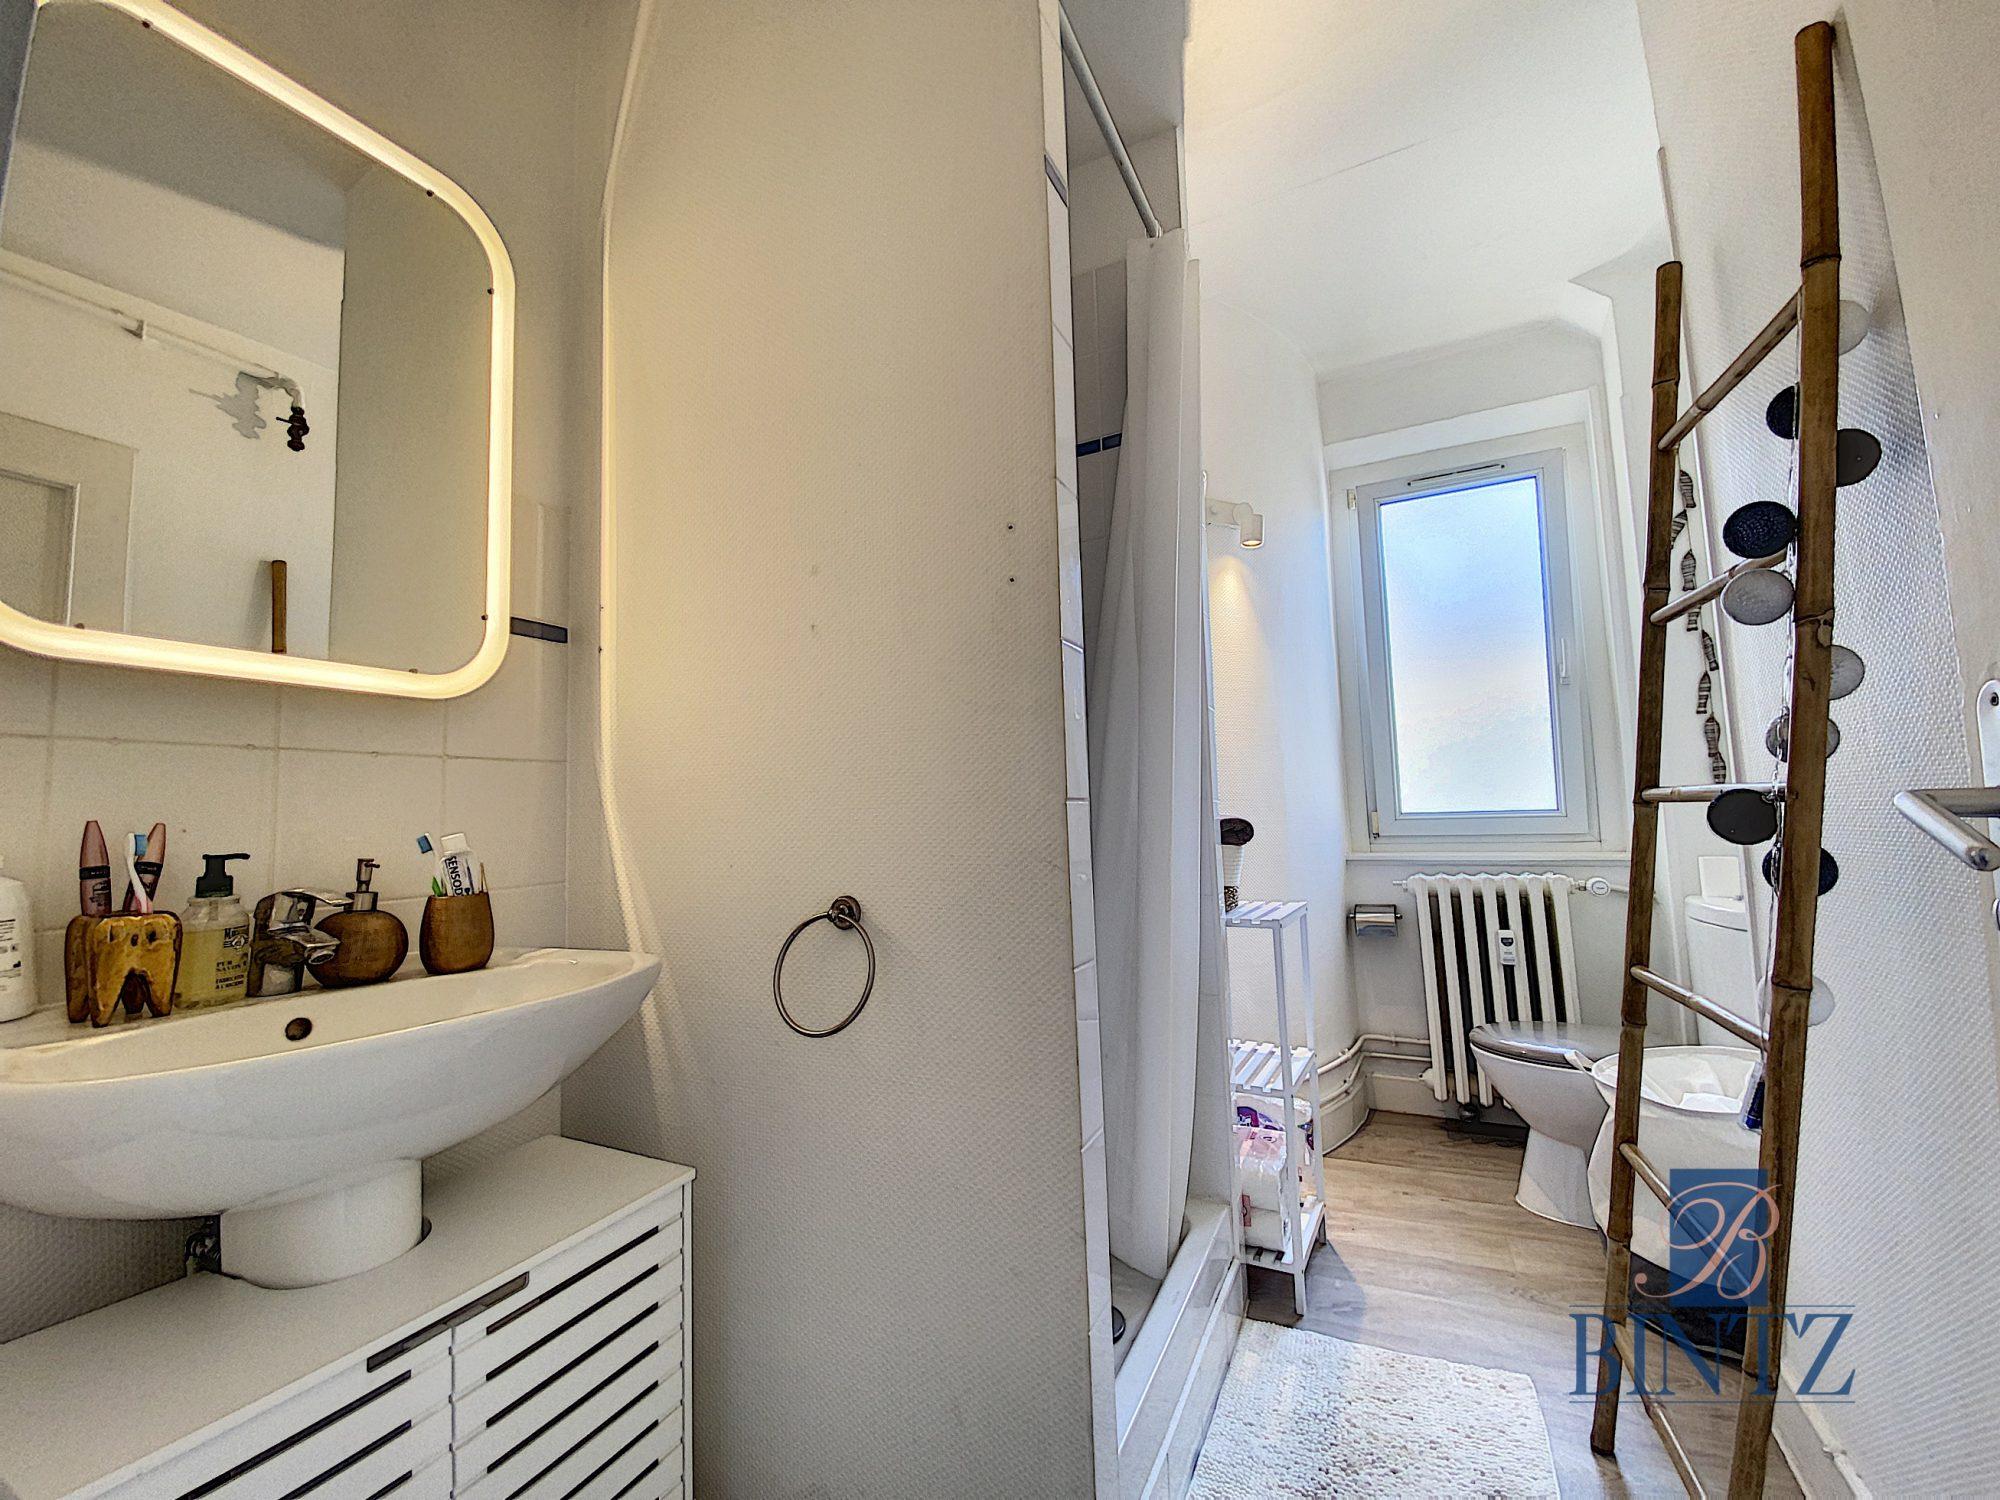 1 PIÈCE QUARTIER KRUTENAU - Devenez locataire en toute sérénité - Bintz Immobilier - 5